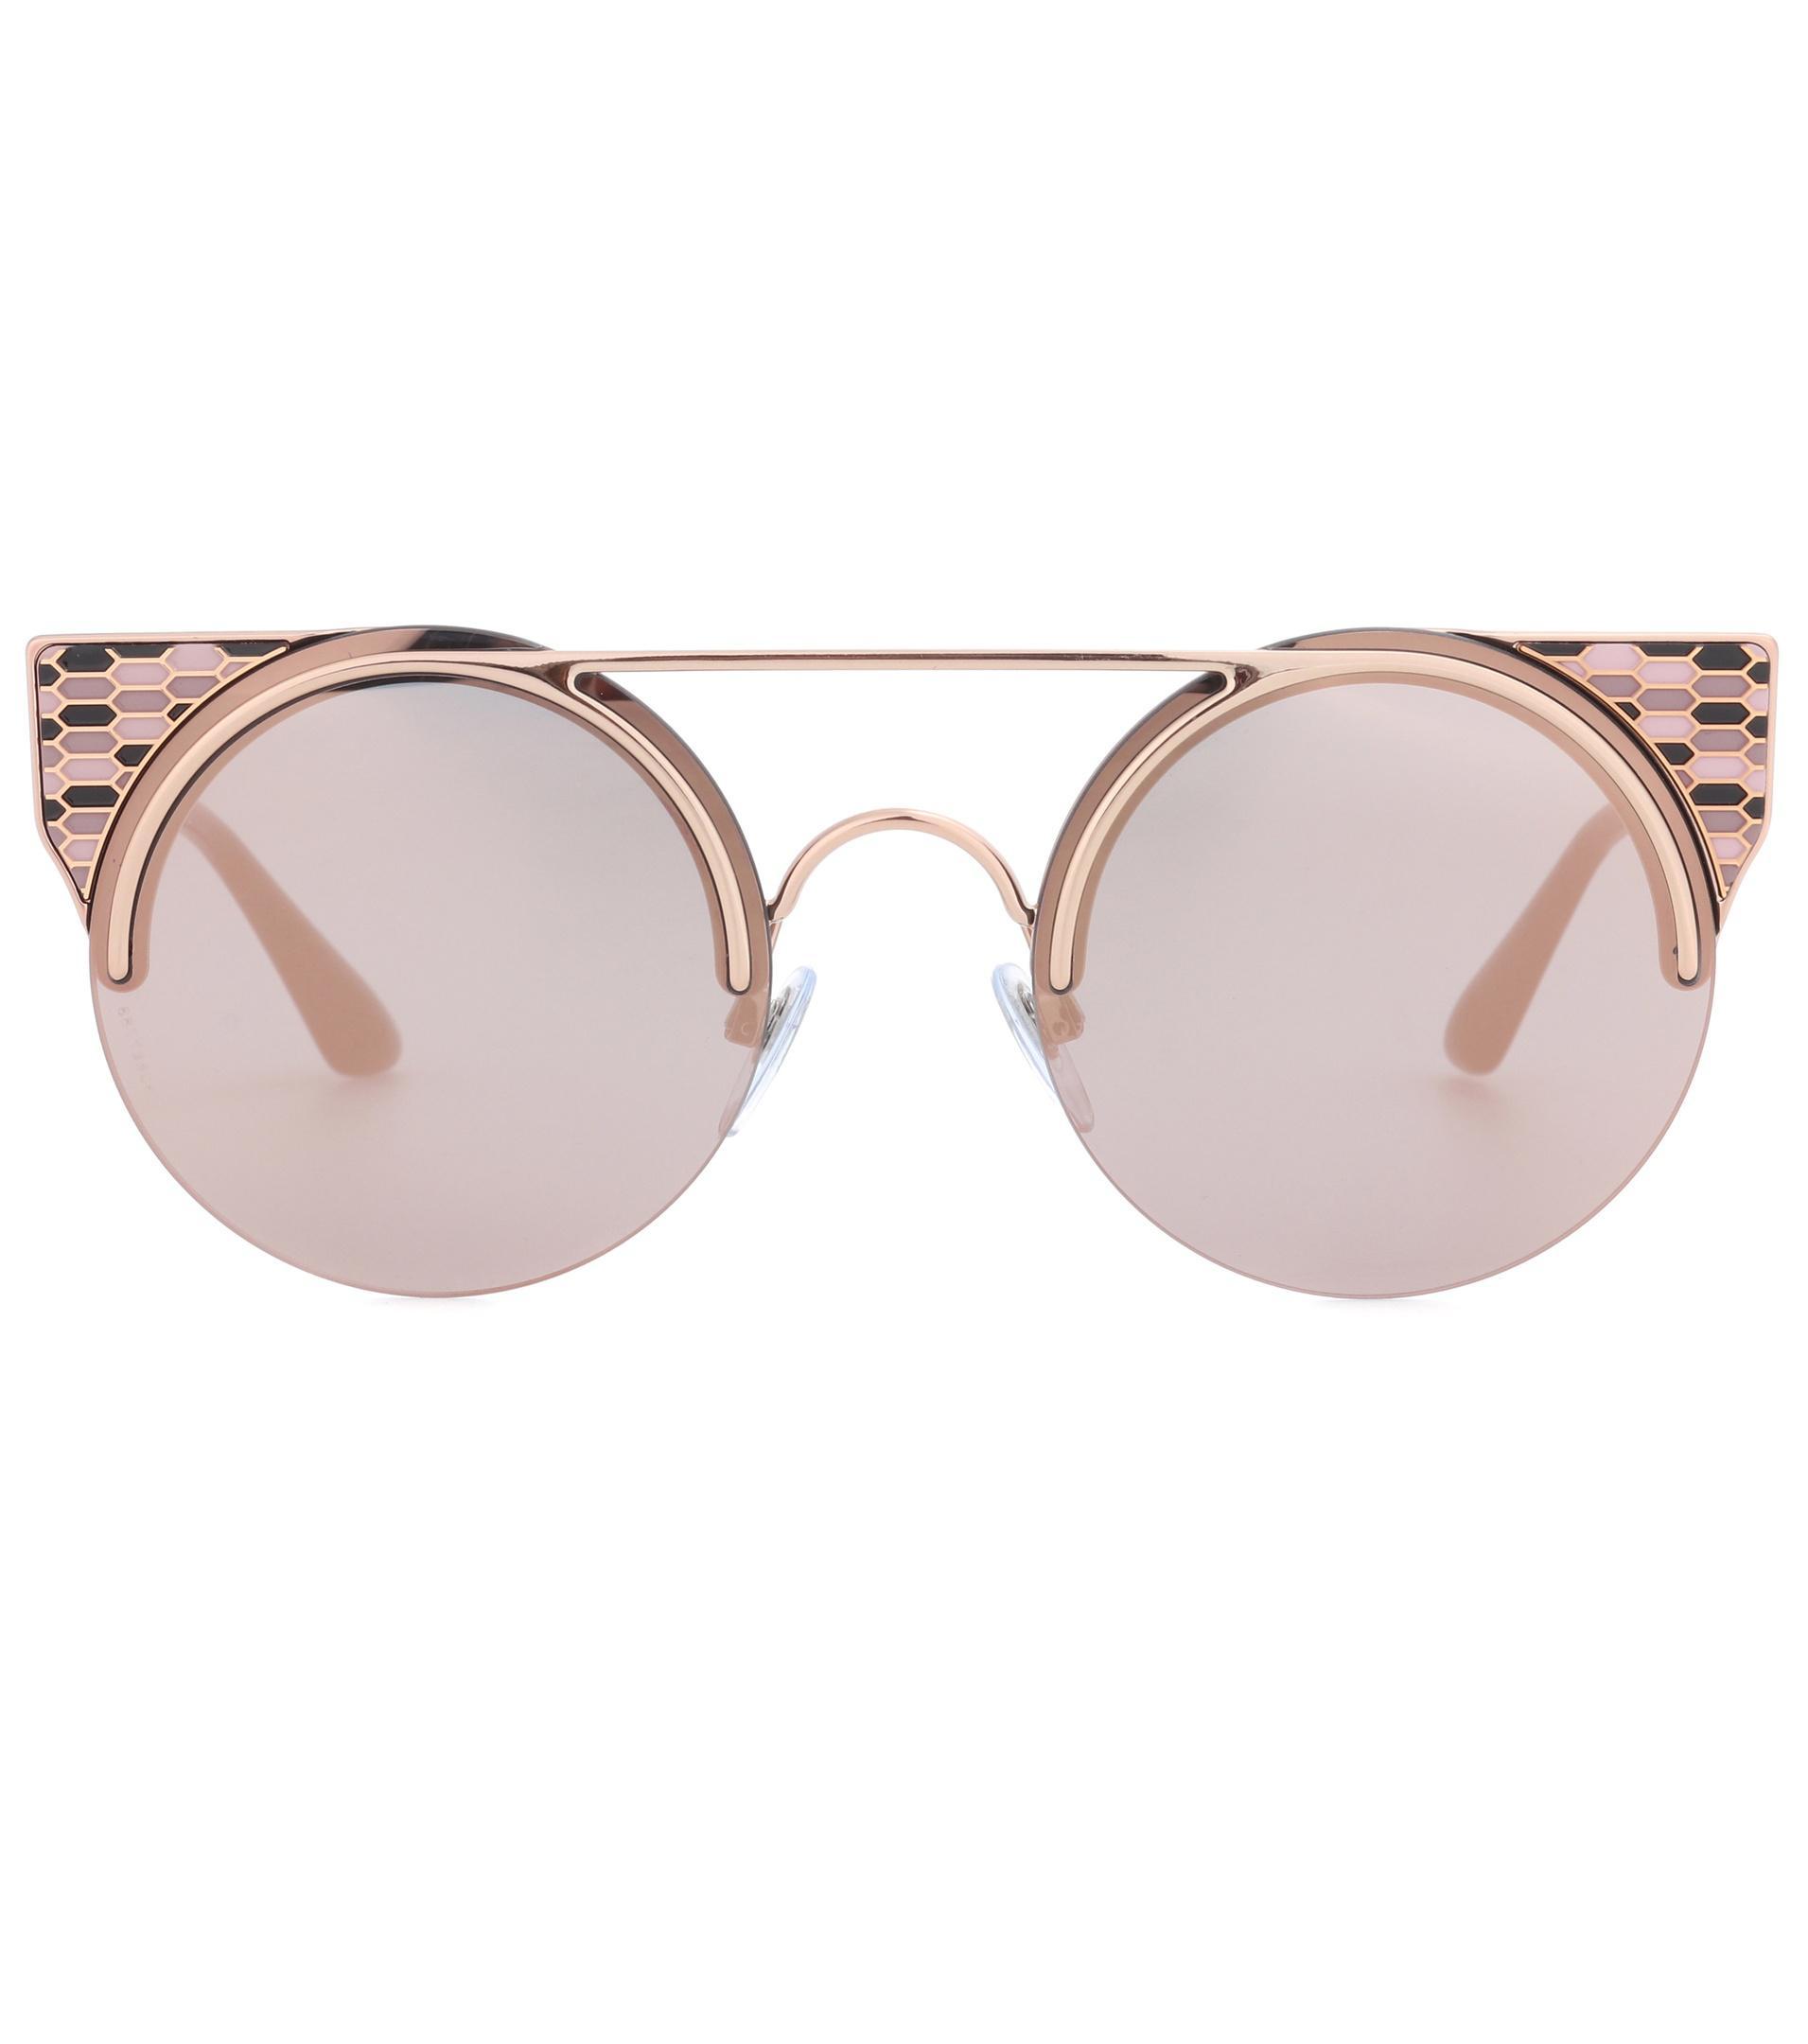 e508fdde7e BVLGARI Serpenti Sunglasses in Metallic - Lyst